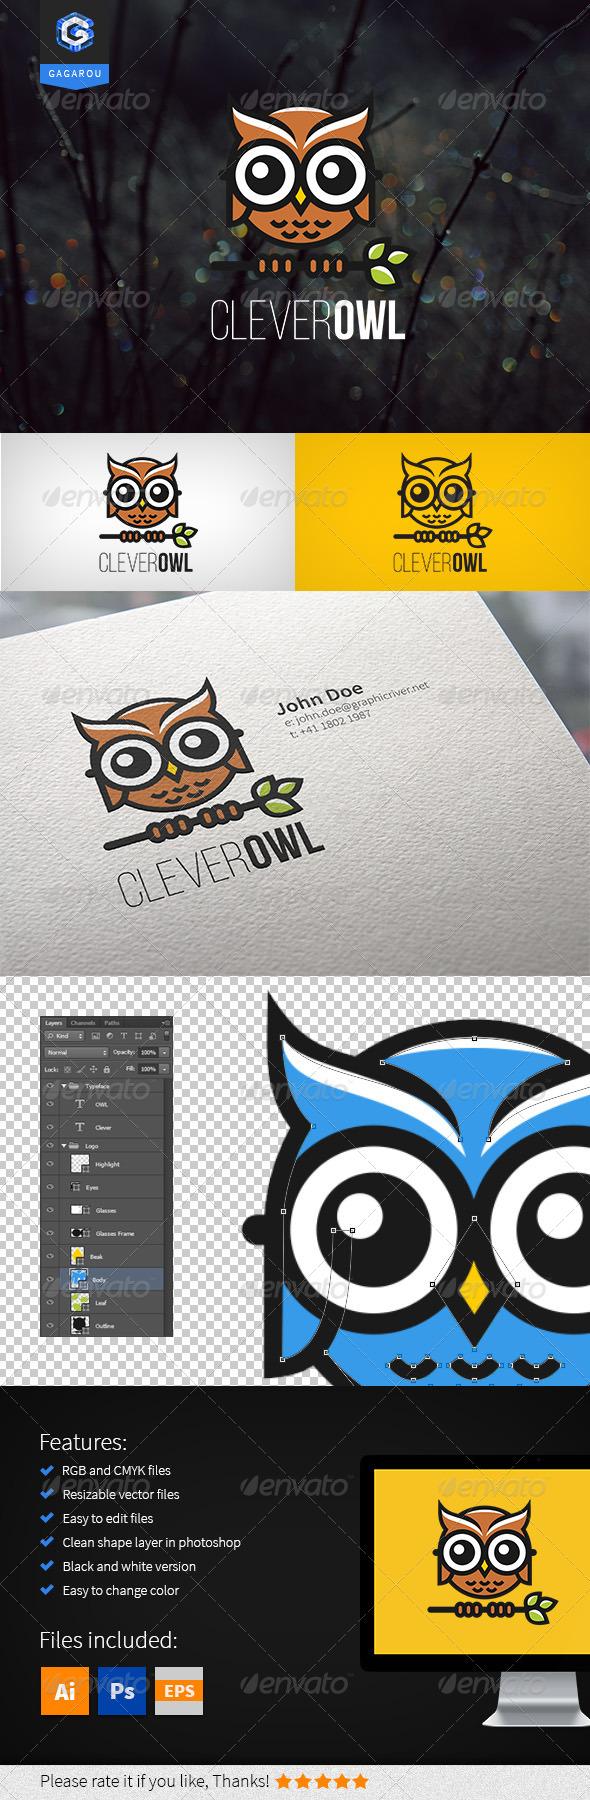 GraphicRiver Clever Owl Logo 8252452